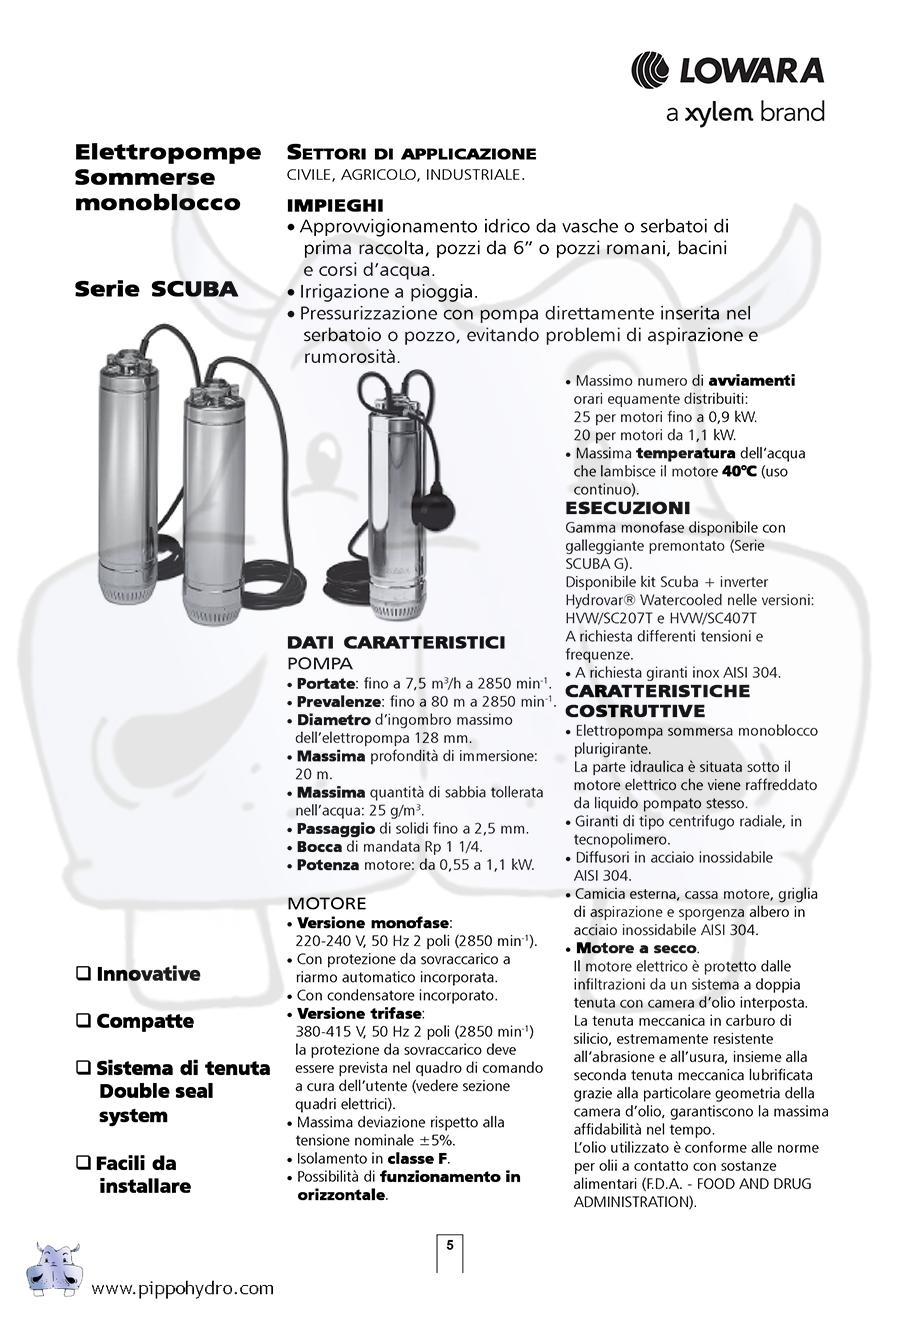 Schema Collegamento Galleggiante Pompa Sommersa : Schema collegamento pompa sommersa lowara